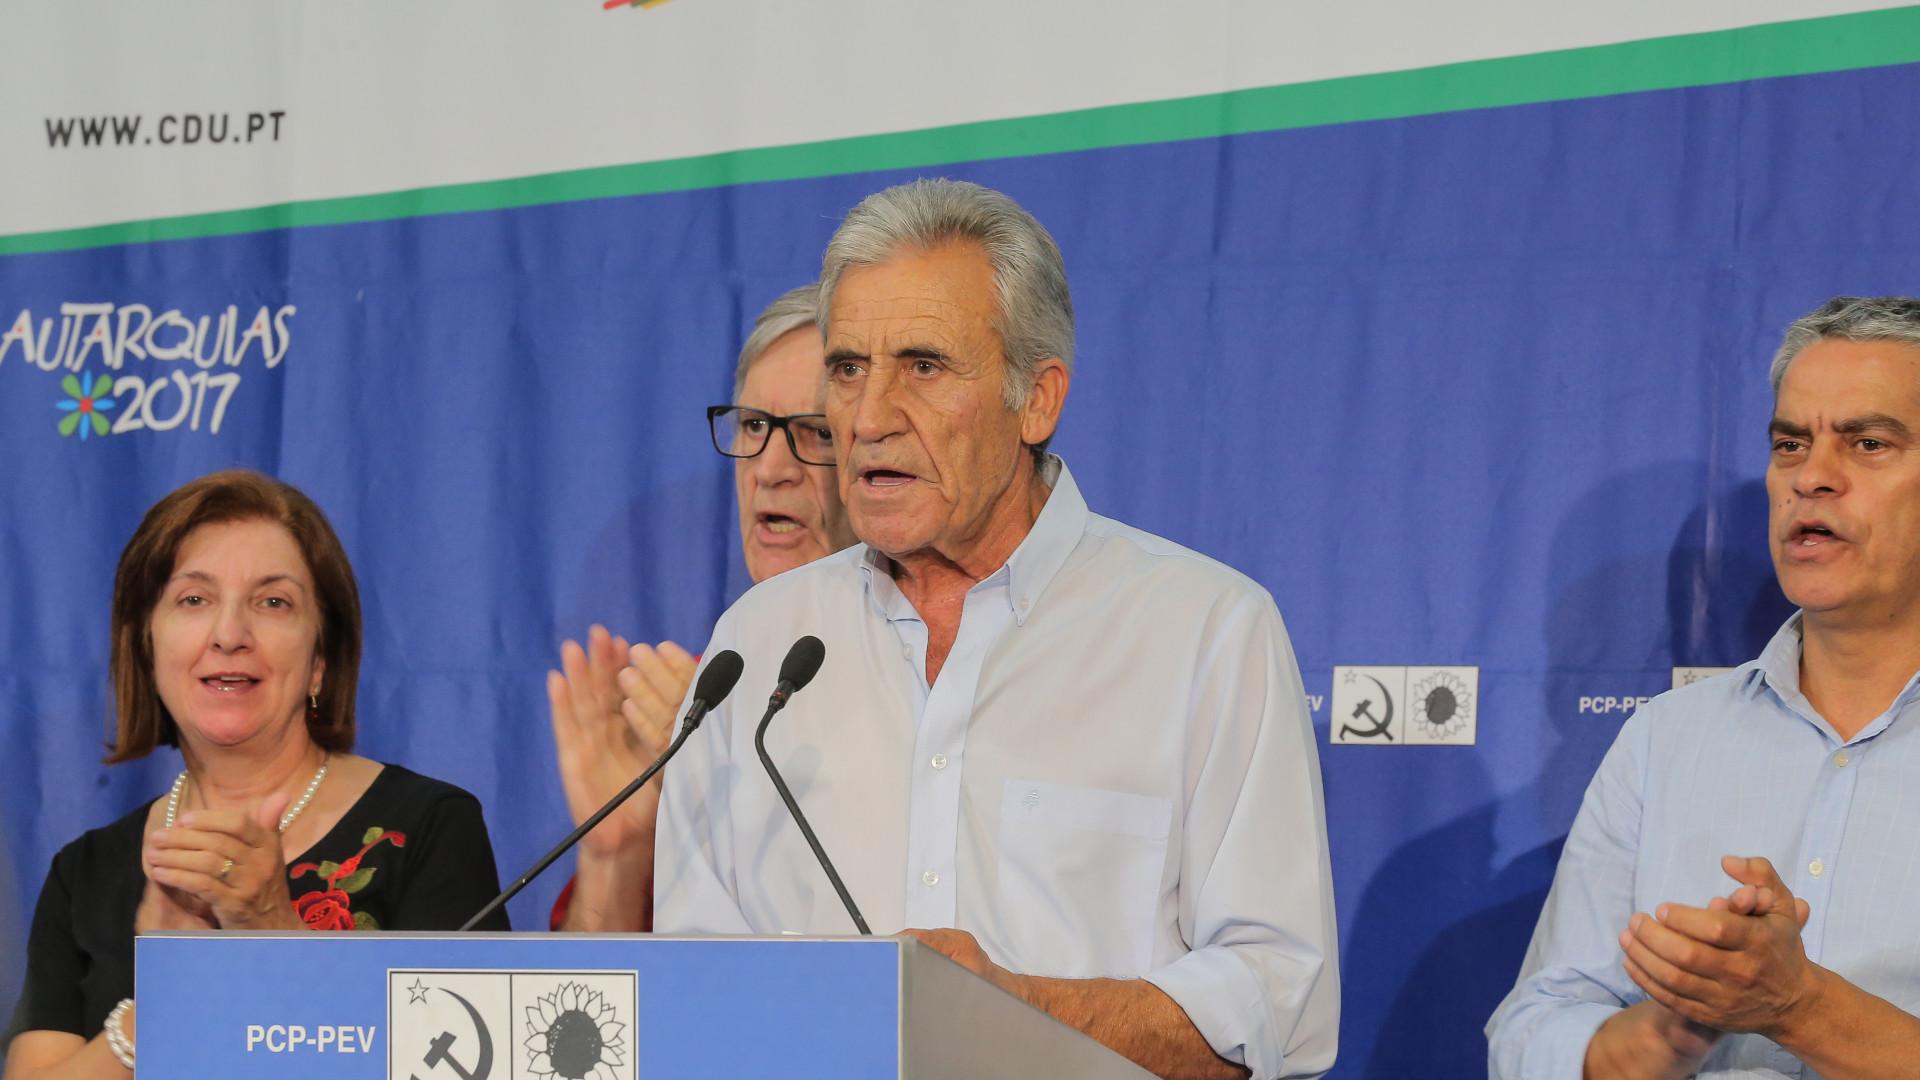 """Aumentos salariais são """"mais elementar justiça"""" para Jerónimo de Sousa"""